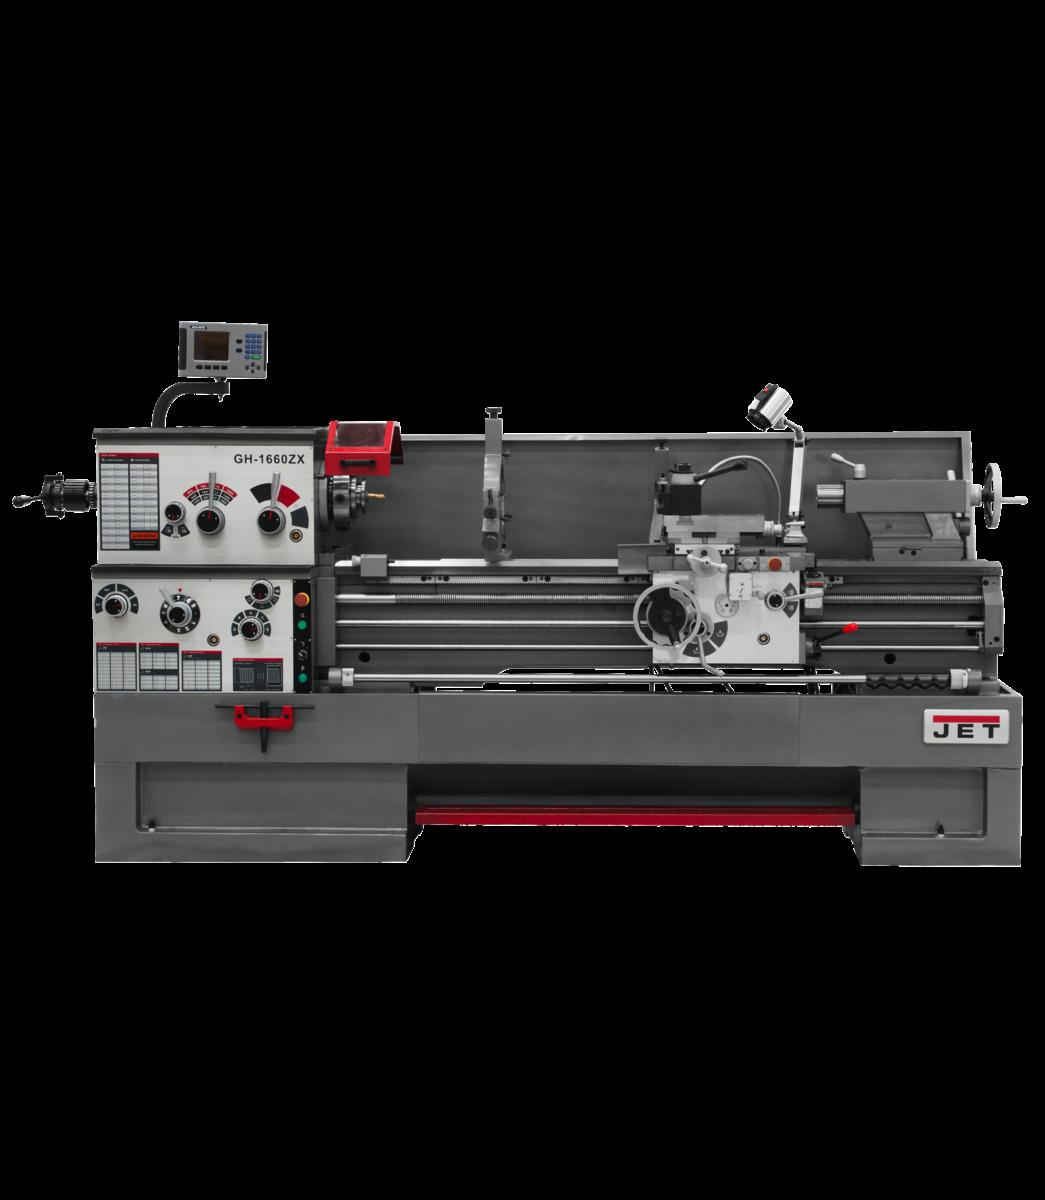 GH-1660ZX torno con visualizador de posición digital 300S y cierre automático